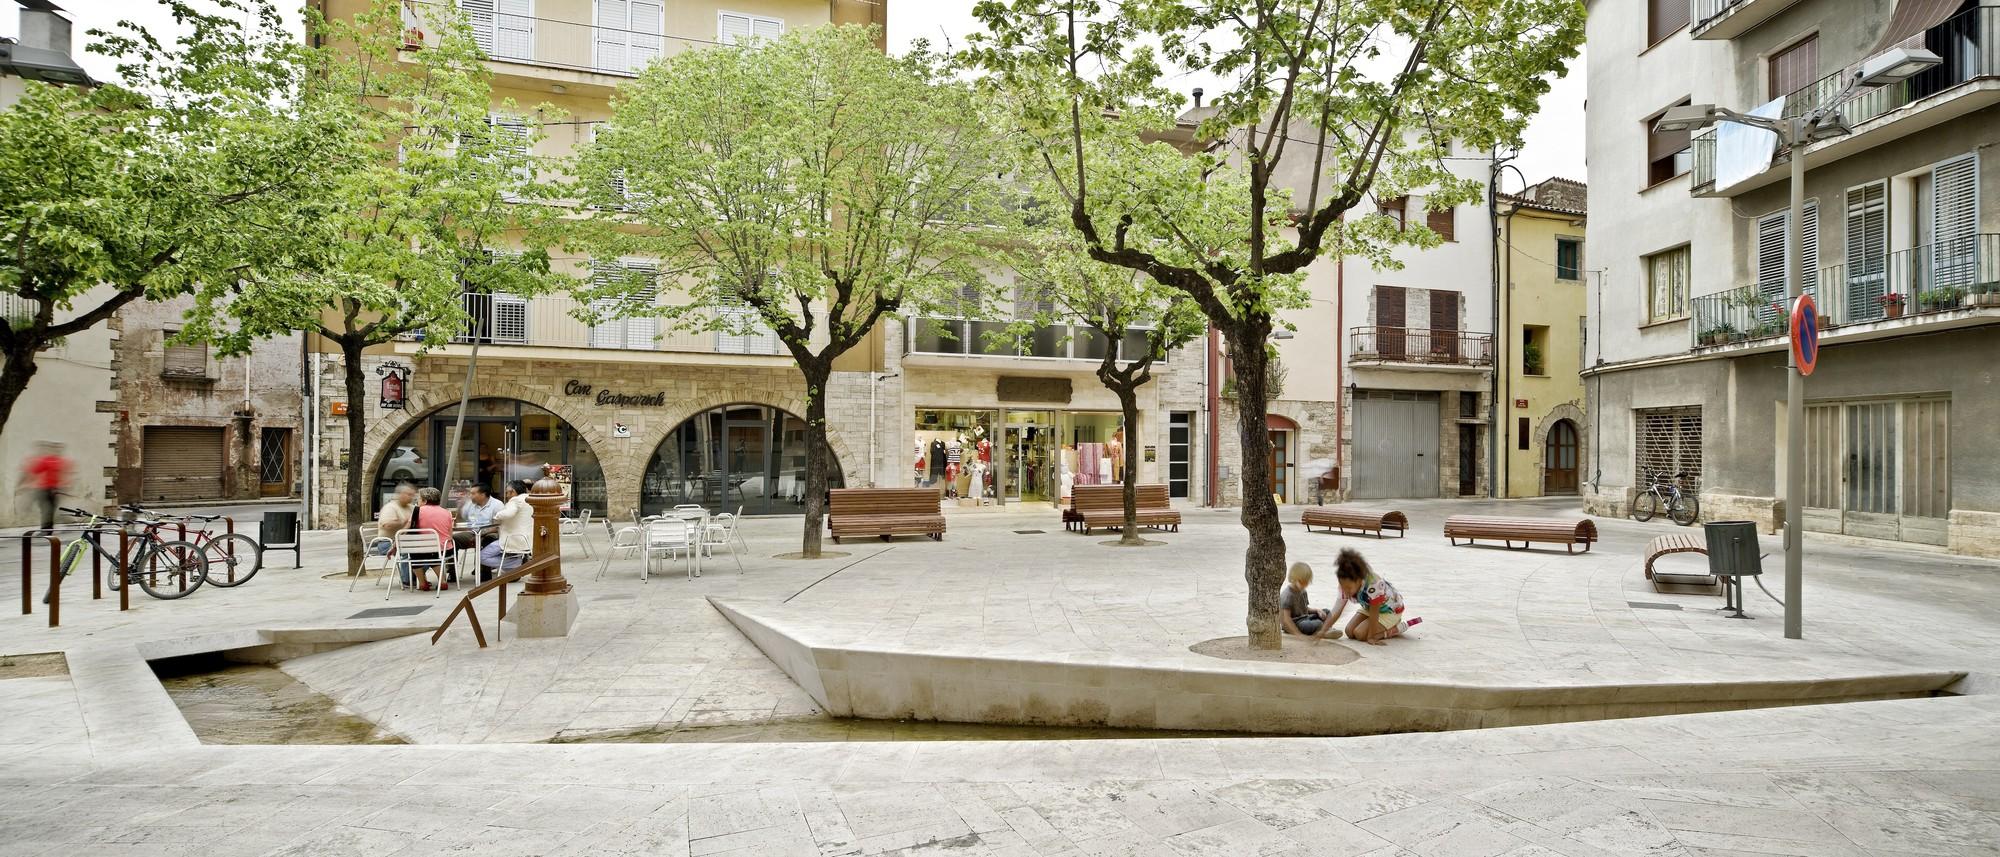 Remodelaci n del casco antiguo de banyoles mias arquitectes archdaily m xico - Casco antiguo de girona ...